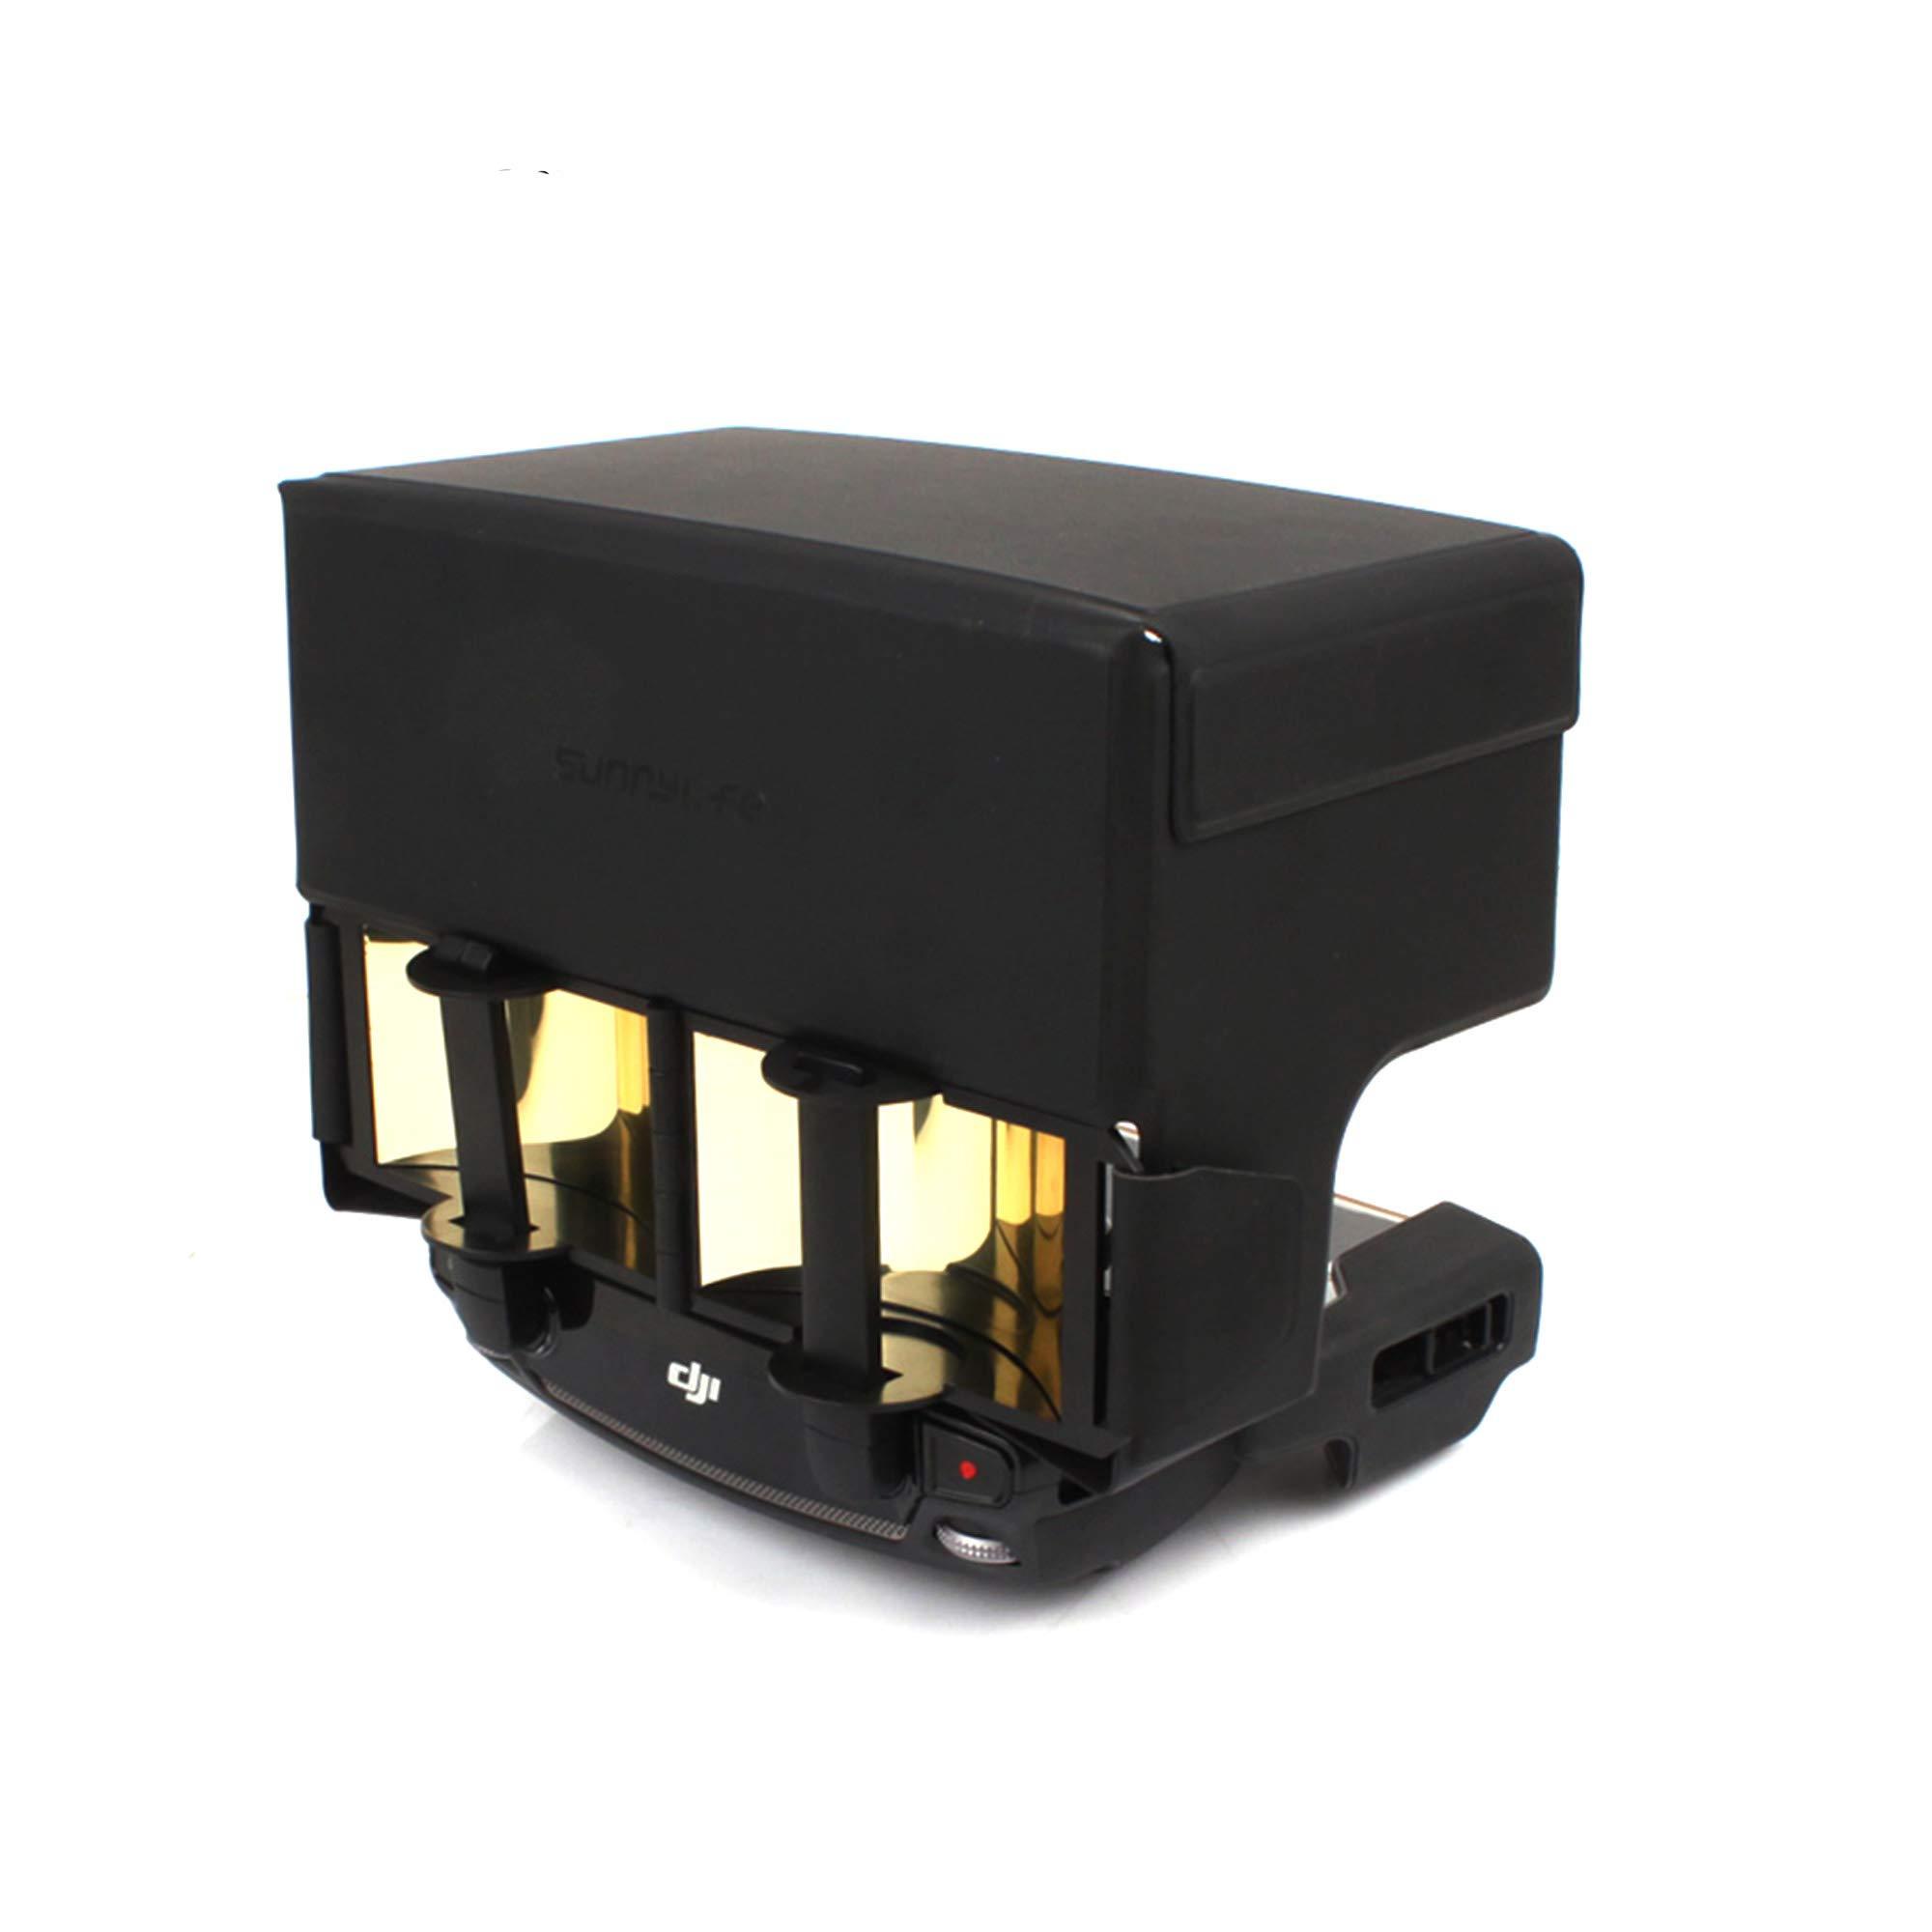 Combo de refuerzo de señal O'woda: extensor de rango de señal de antena parabólica plegable + cubierta de protector sola